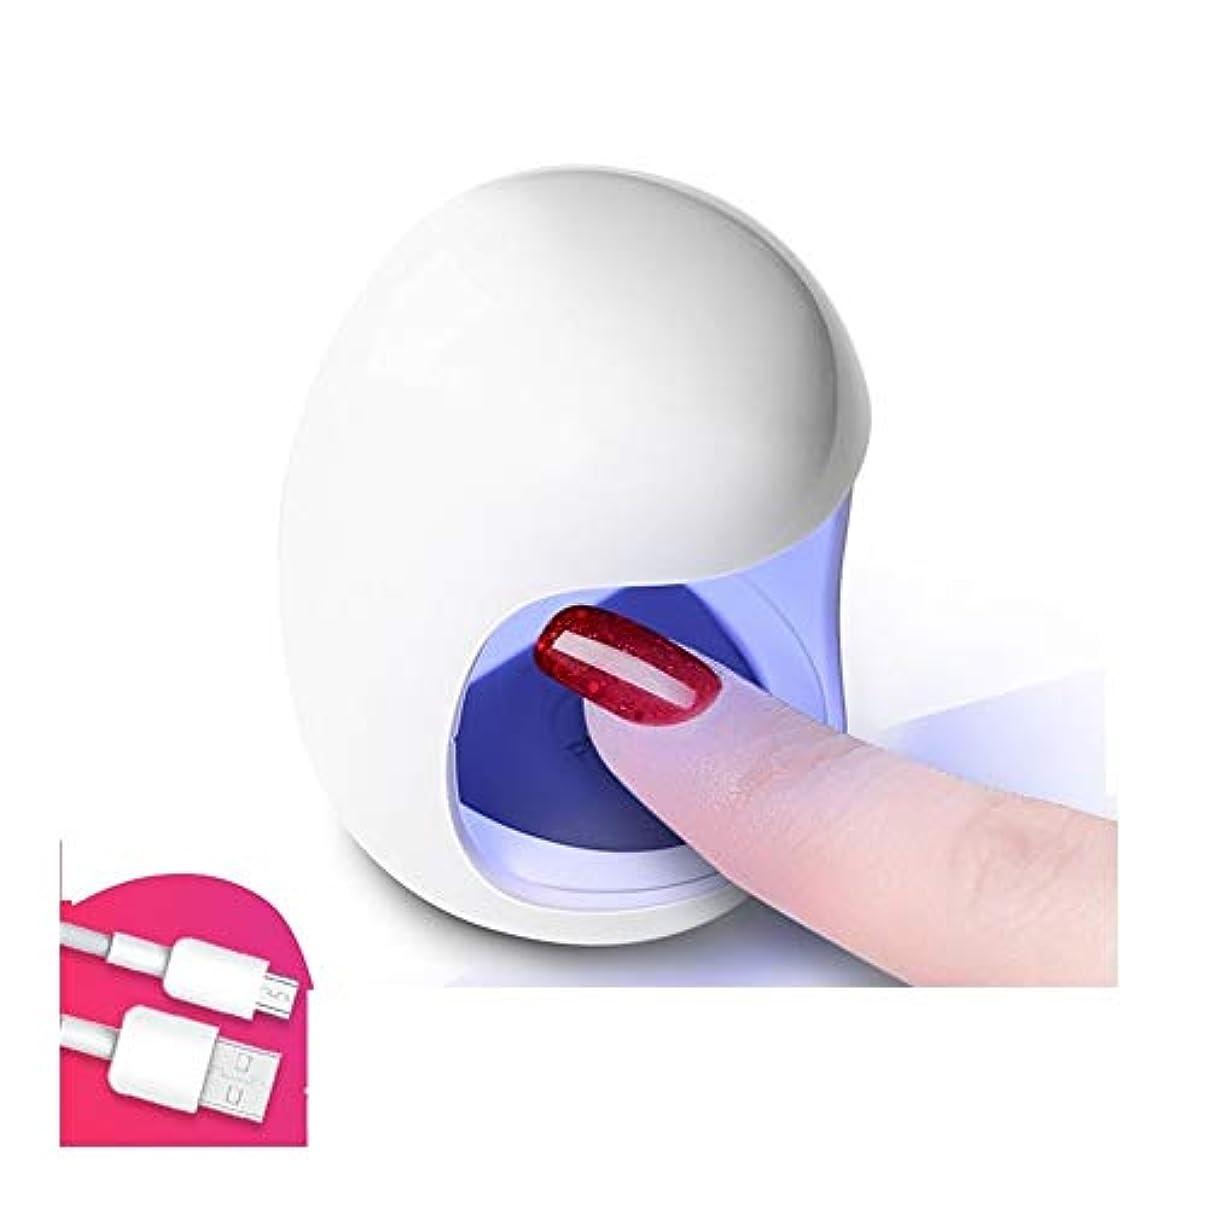 許可永遠のメロディーLittleCat ネイル光線療法のミニUSB太陽灯ライトセラピーランプLEDランプ速乾性ネイルポリッシュベーキングゴム (色 : White+USB cable)